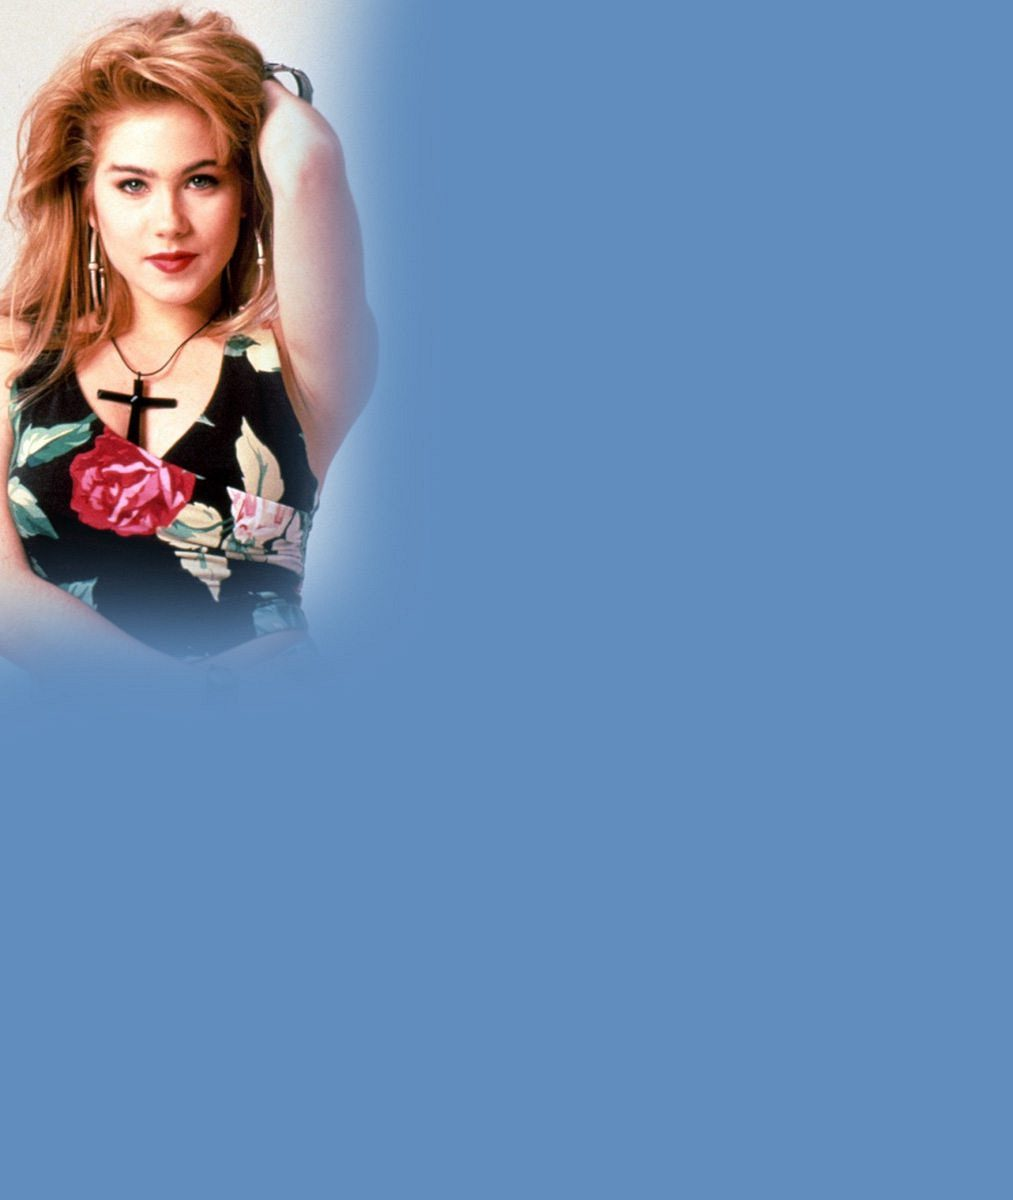 Melounek slaví 43 let: 5 sexy fotek seriálové hvězdy, která bojovala s rakovinou prsu